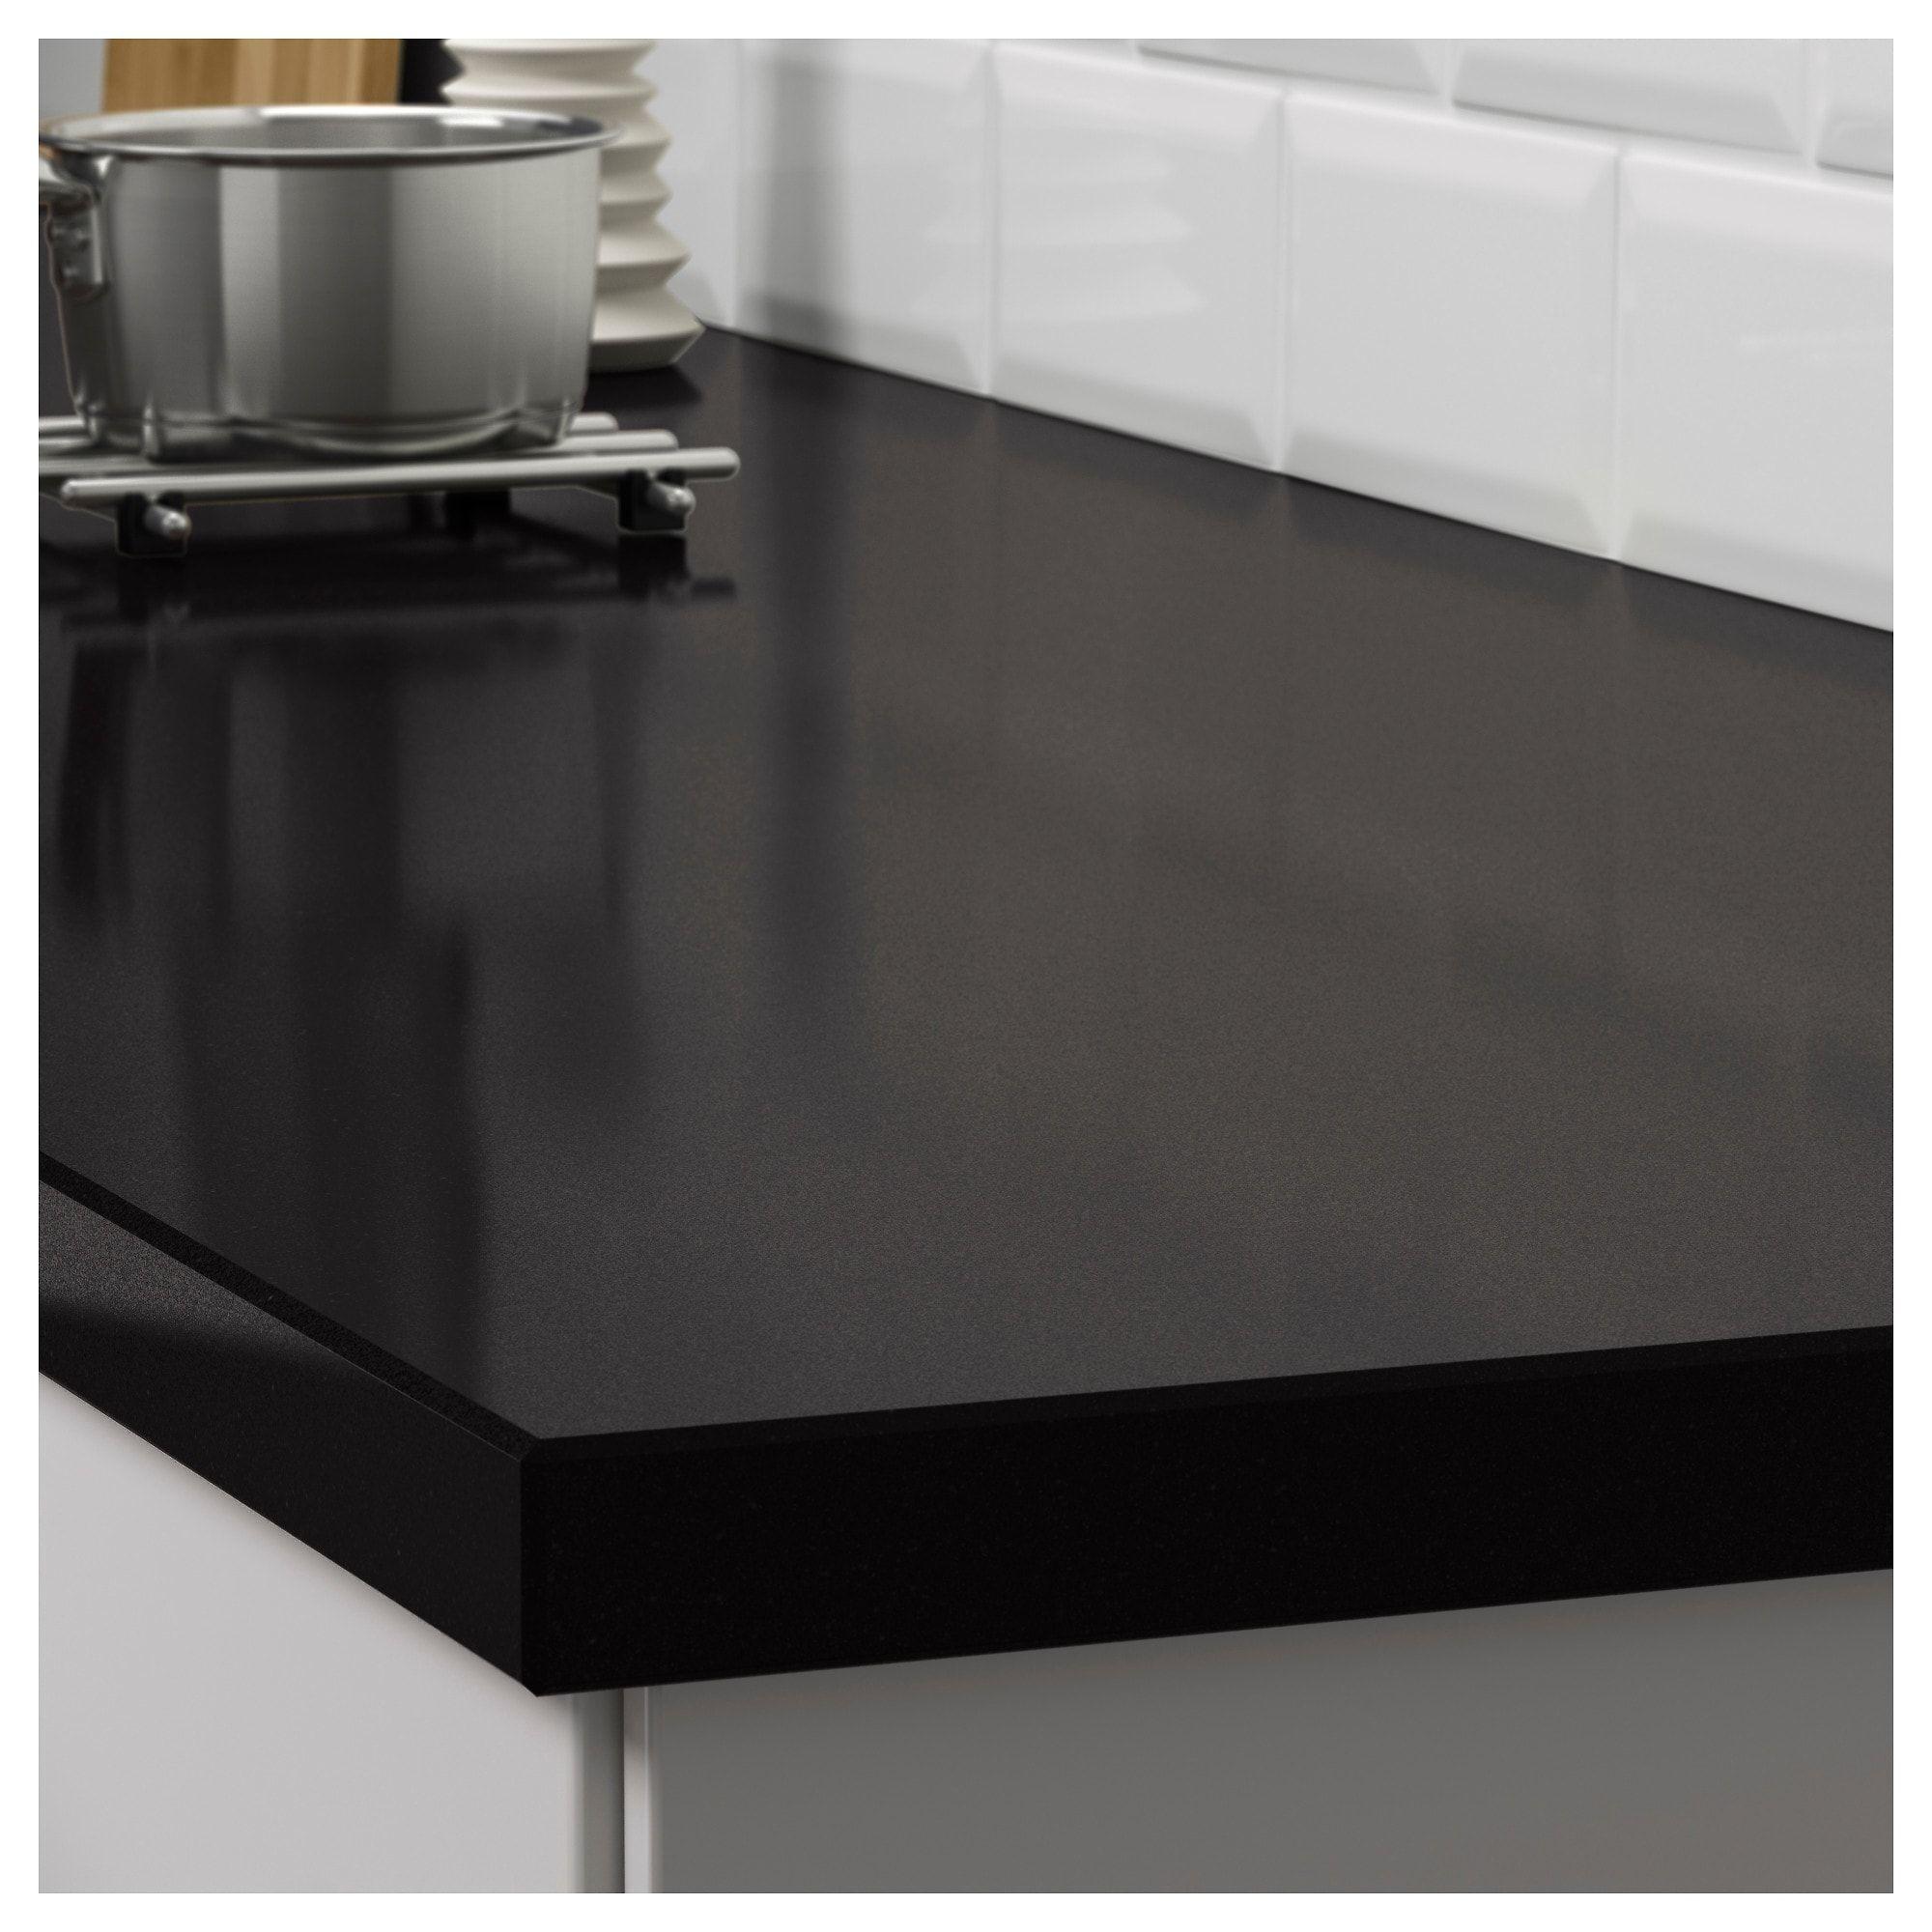 Oxsten Massarbeitsplatte Schwarz Steinmuster Steinkomposit Arbeitsplatte Kuchenarbeitsplatte Und Ikea